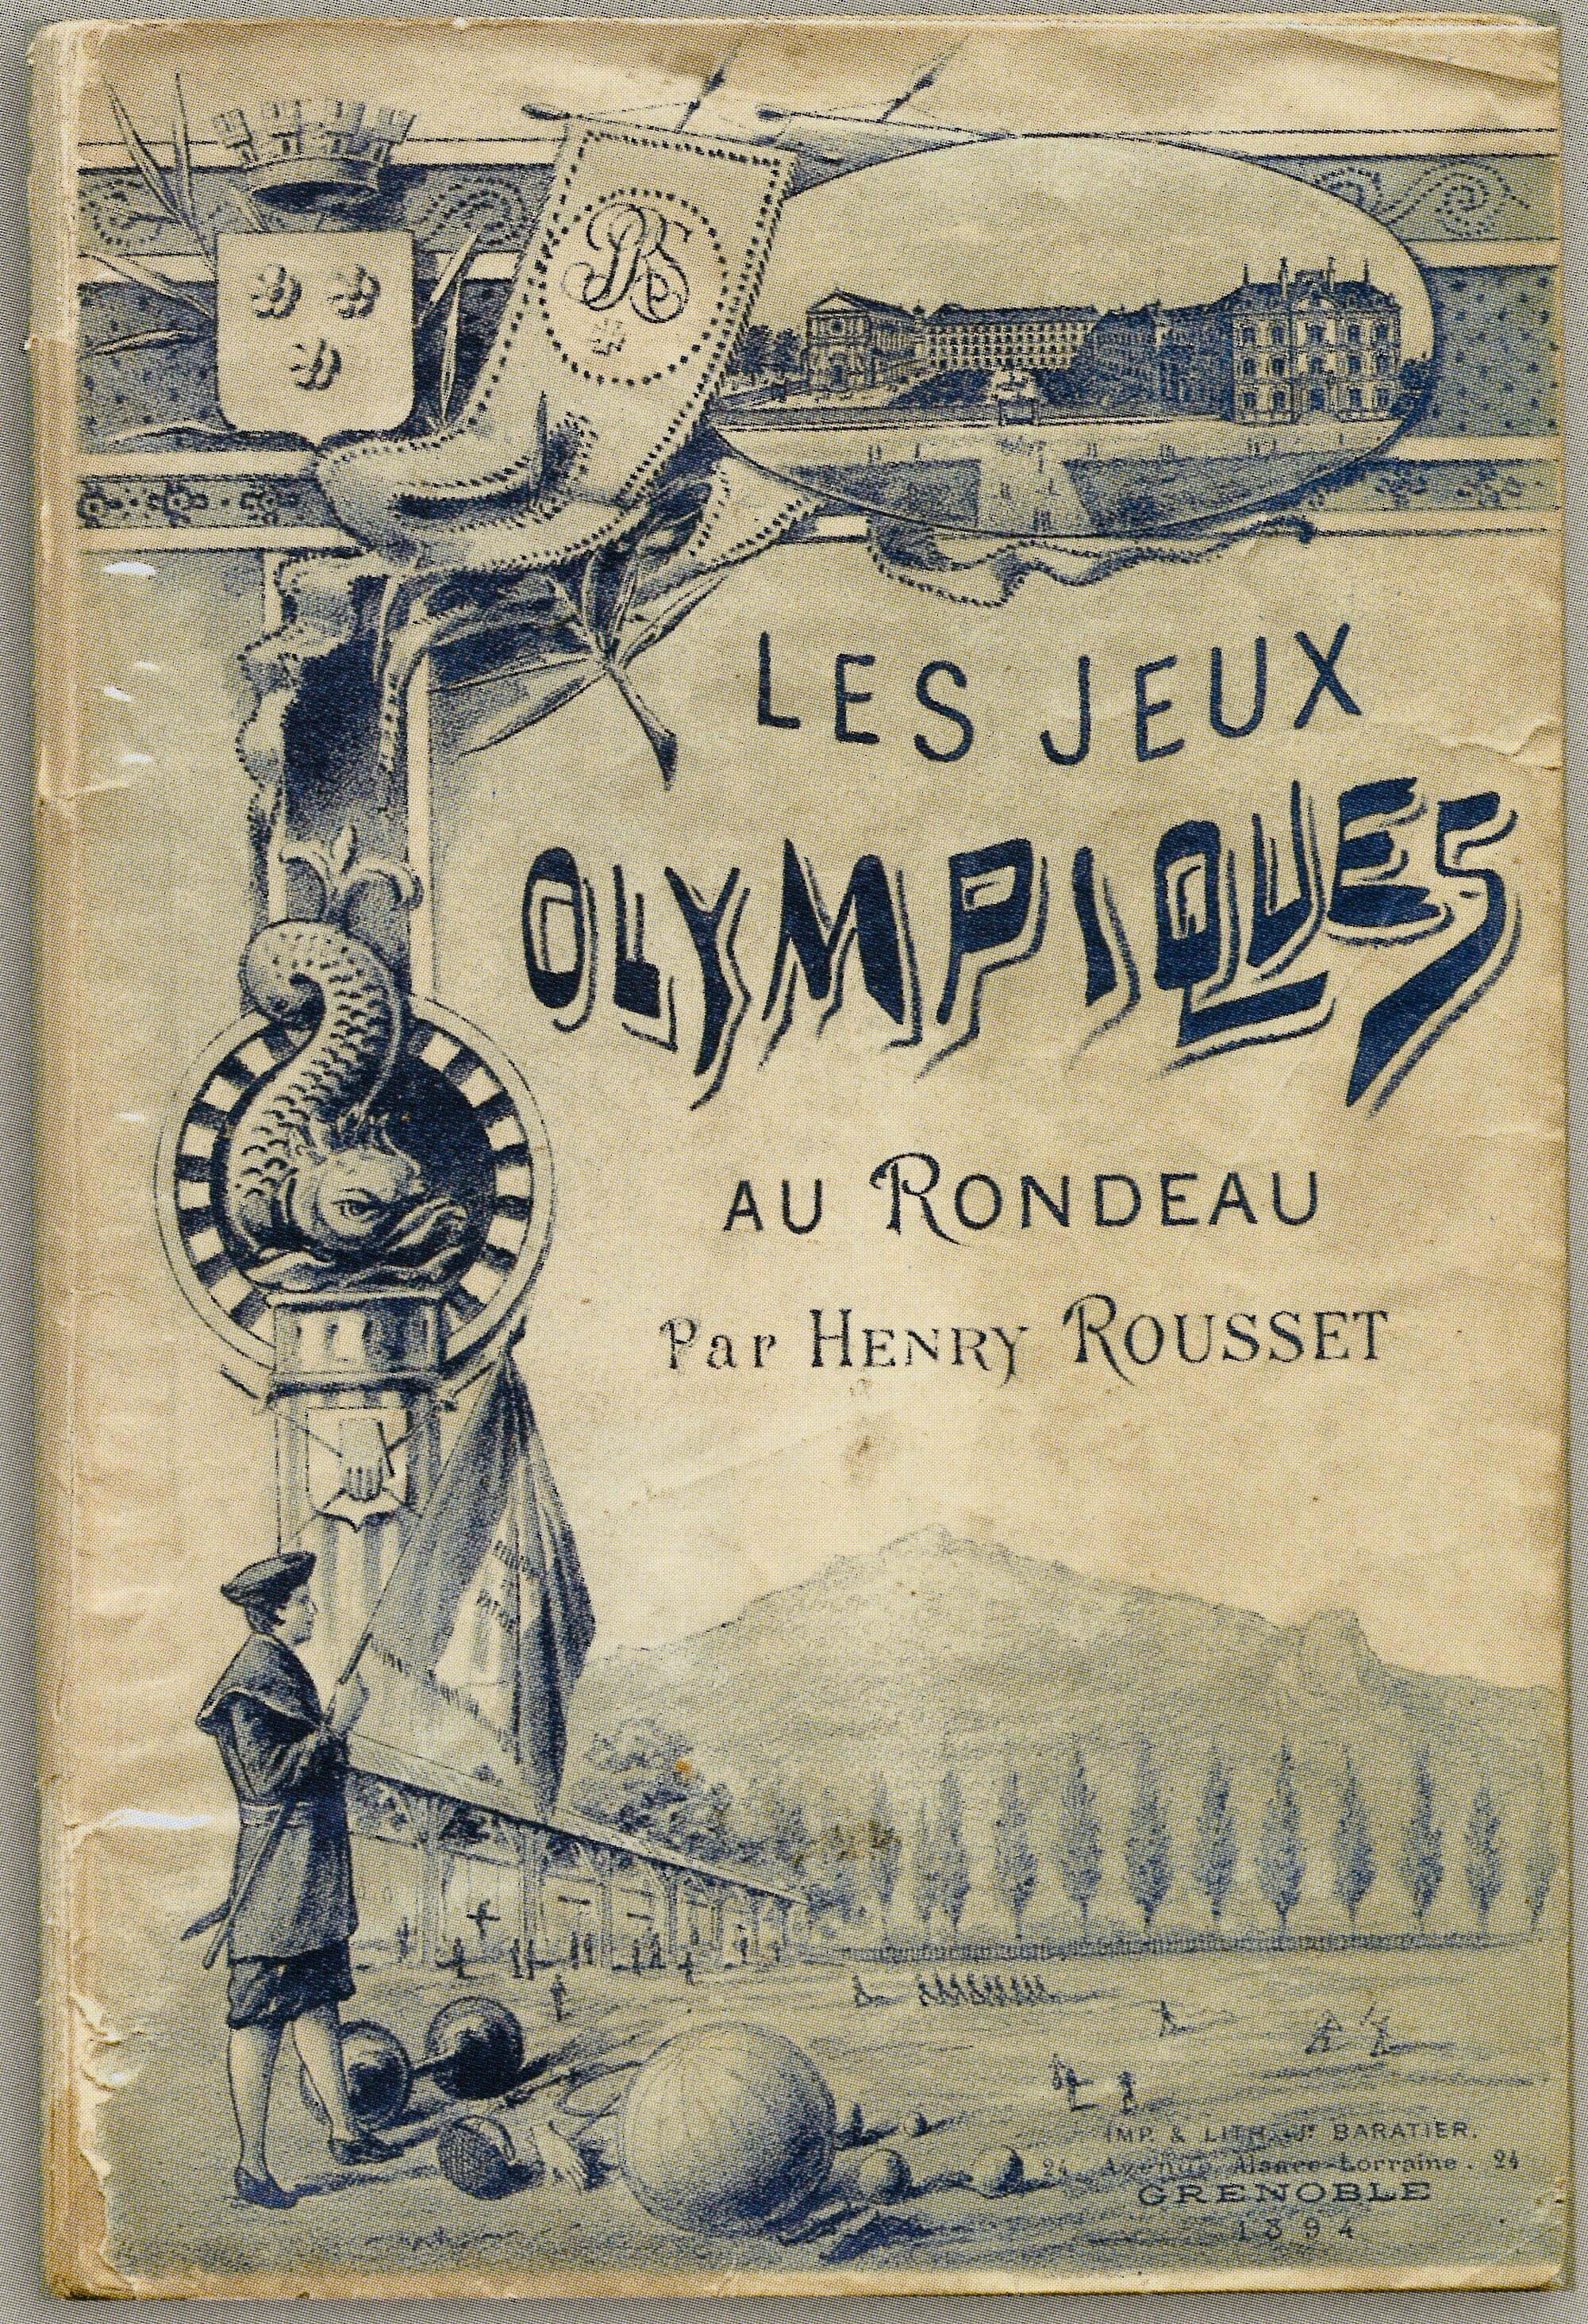 Les jeux olympiques au Rondeau